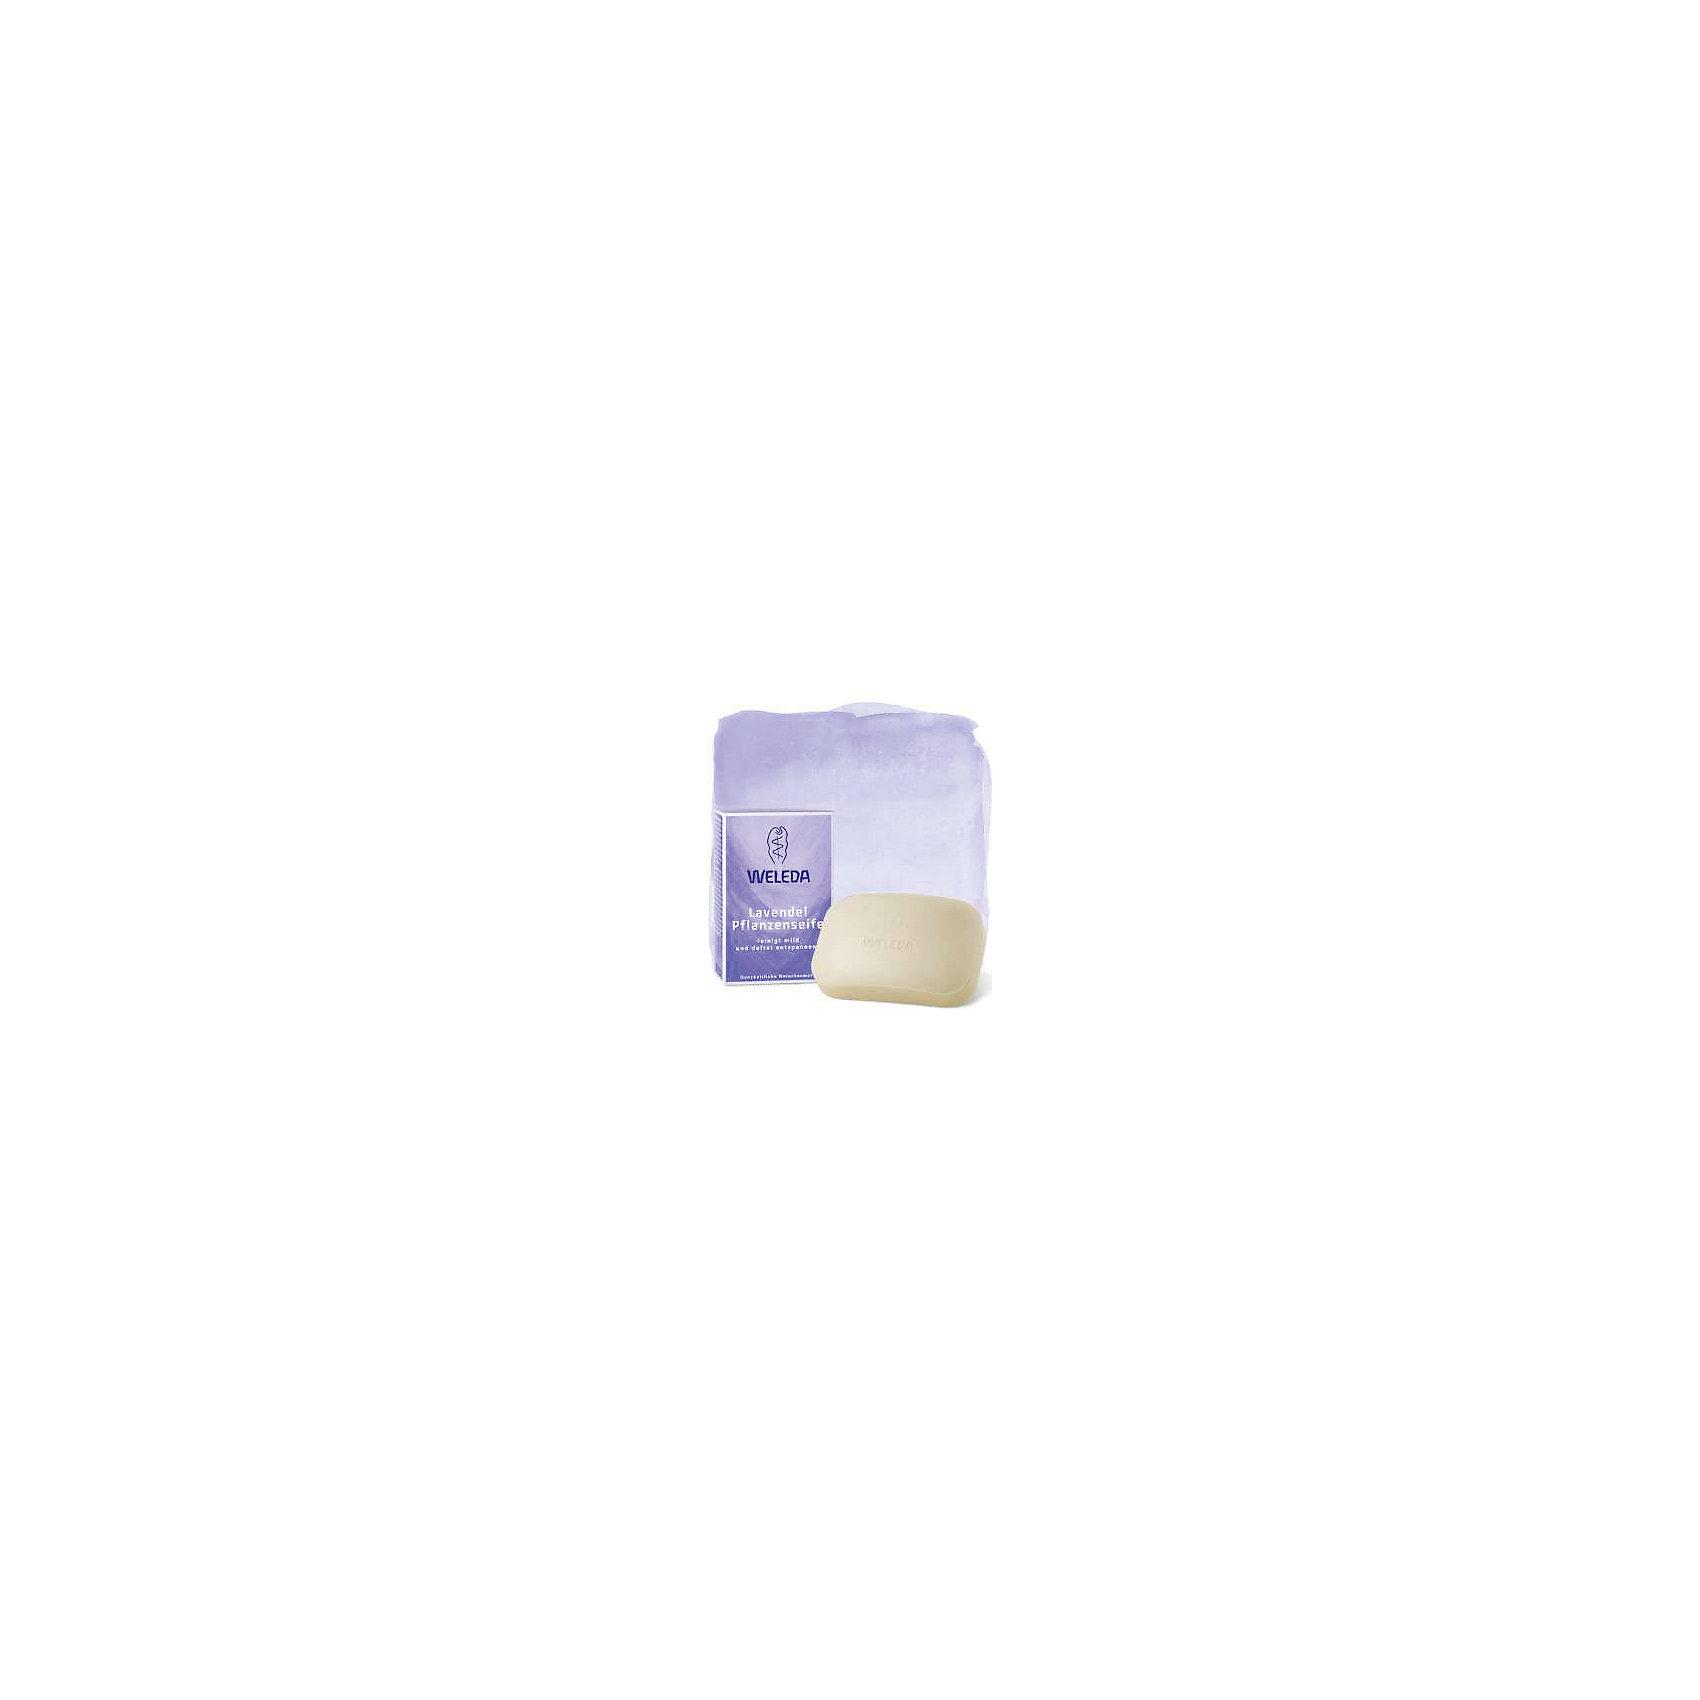 Мыло лавандовое растительное, 100гр., WeledaСредства для ухода<br>Характеристики:<br><br>• Тип средства: мыло <br>• Предназначение: для ухода за кожей, для вечернего умывания<br>• Пол: универсальный<br>• Объем: 100 гр<br>• Подходит для чувствительной кожи<br>• Форма выпуска: твердое<br>• Состав: вода, глицерин, экстракт лаванды, ириса, ромашки, фиалки трехцветной, вытяжки из натуральных масел и др.<br>• Упаковка: картонная коробка<br>• Размер упаковка: 3*2,5*2 см<br>• Вес в упаковке: 180 г<br>• Средство имеет сертификаты Natrue, Vegan<br>• Особенности хранения: хранить в прохладном темном месте <br><br>Мыло лавандовое растительное, 100 гр., Weleda разработано немецким производителем косметических и гигиенических средств натурального происхождения. Средство состоит из натуральных компонентов, которые выращены под контролем качества компании-производителя. Микроэлементы получены по инновационной технологии, которая обеспечивает сохранение полезных свойств натуральных эфирных масел. <br><br>Мыло предназначено для бережного очищения кожи лица и рук. При намыливании образуется нежная и мягкая пена. При применении мыла лавандового растительного, 100 гр., Weleda не появляется чувство стянутости и сухости кожи.<br><br>Мыло лавандовое растительное, 100 гр., Weleda можно купить в нашем интернет-магазине.<br><br>Ширина мм: 30<br>Глубина мм: 25<br>Высота мм: 20<br>Вес г: 100<br>Возраст от месяцев: 216<br>Возраст до месяцев: 1188<br>Пол: Унисекс<br>Возраст: Детский<br>SKU: 5399000